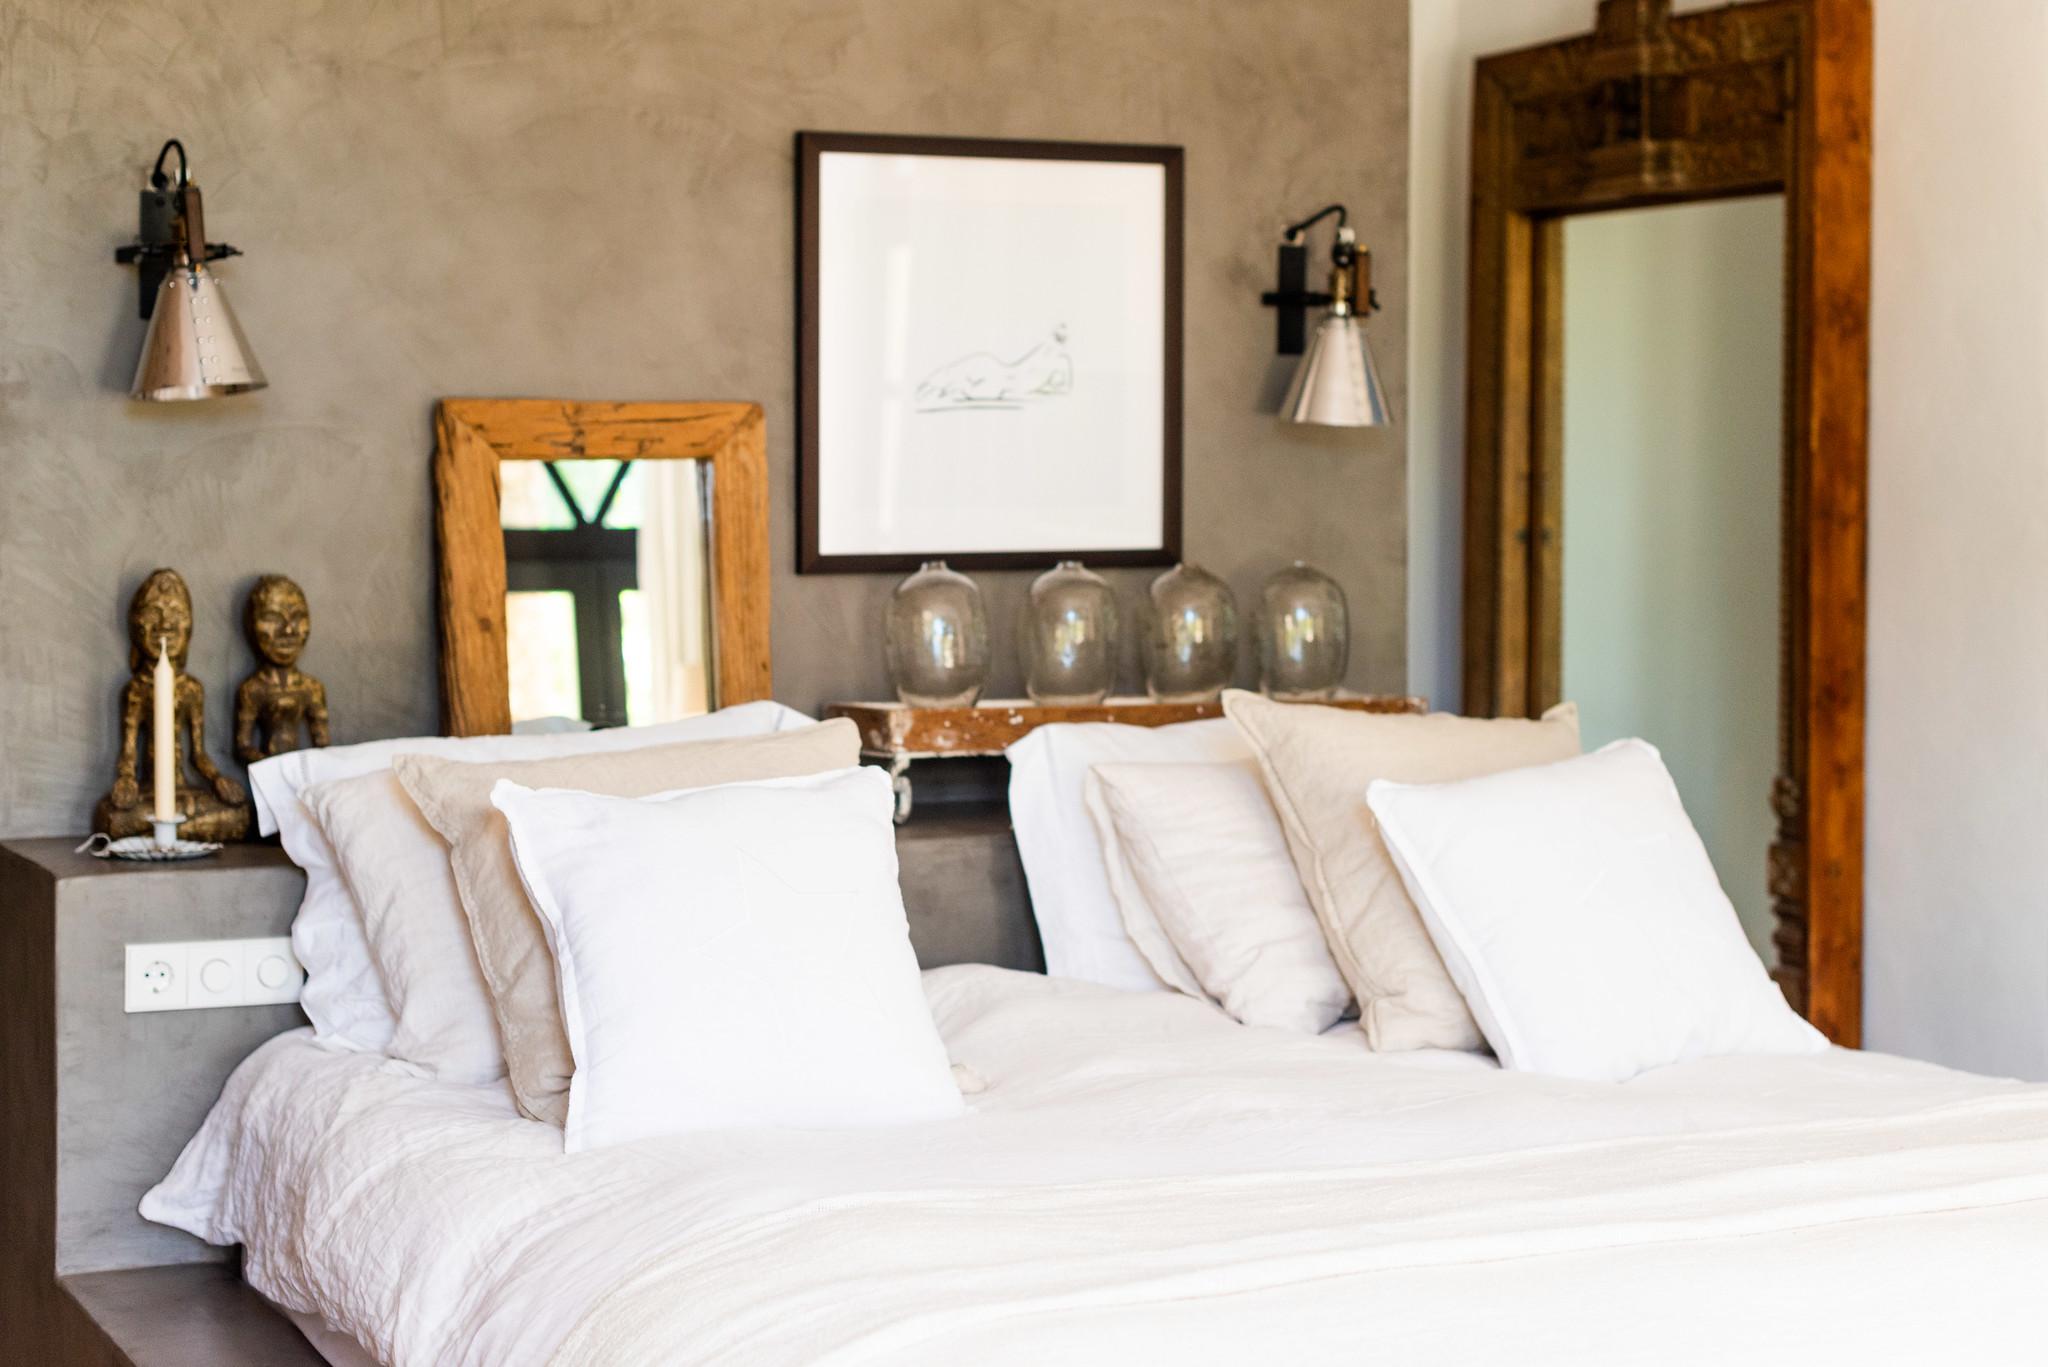 https://www.white-ibiza.com/wp-content/uploads/2020/05/white-ibiza-villas-can-riviere-interior-bedroom4.jpg